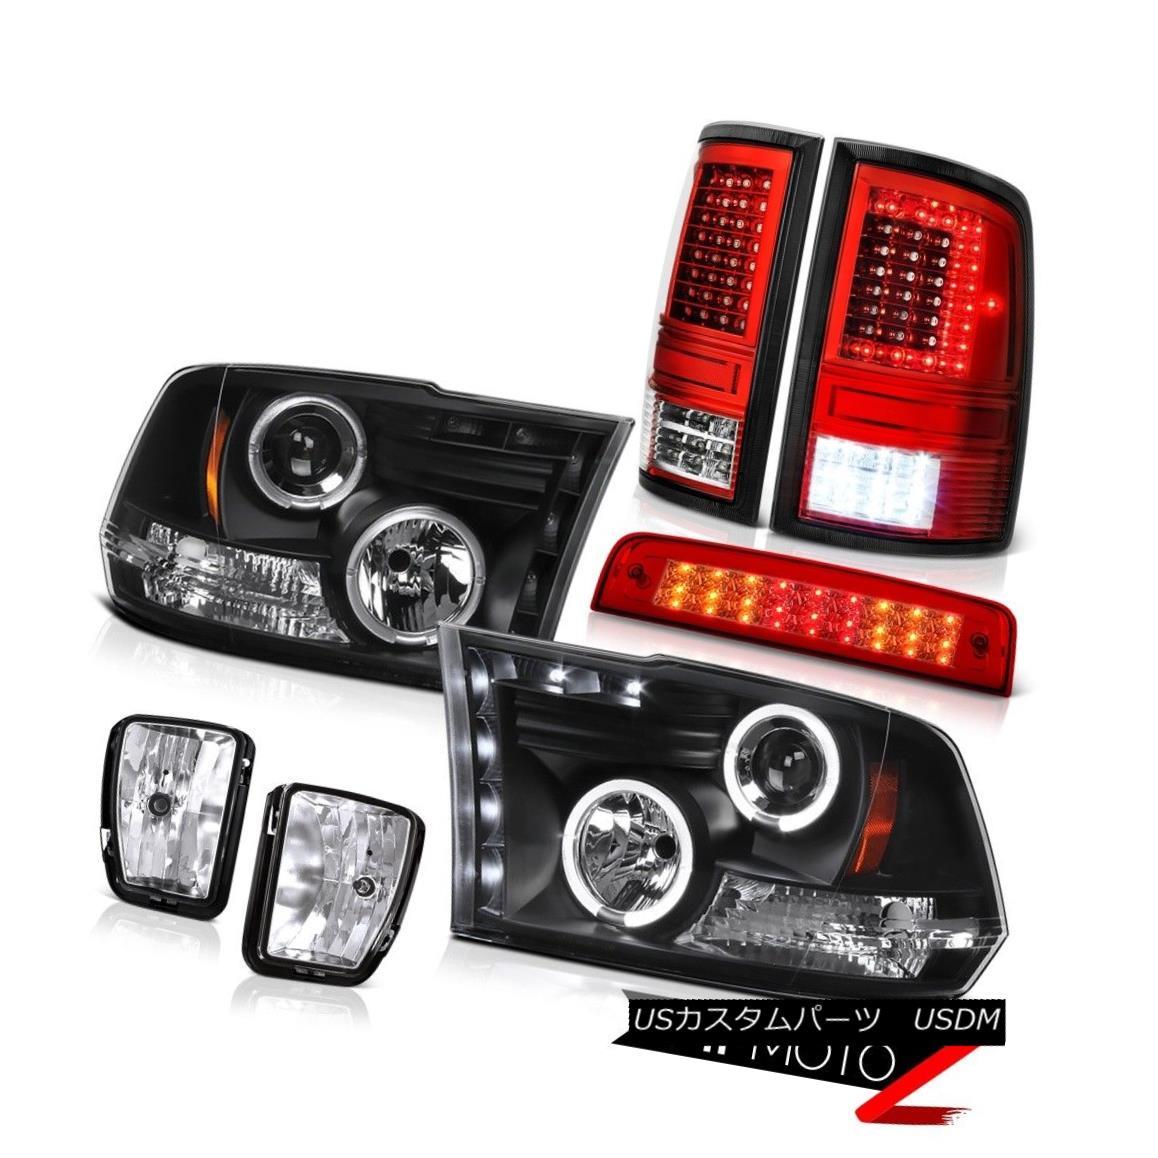 ヘッドライト 2013 2018 Dodge Ram 1500 オンライン Tail Lamps